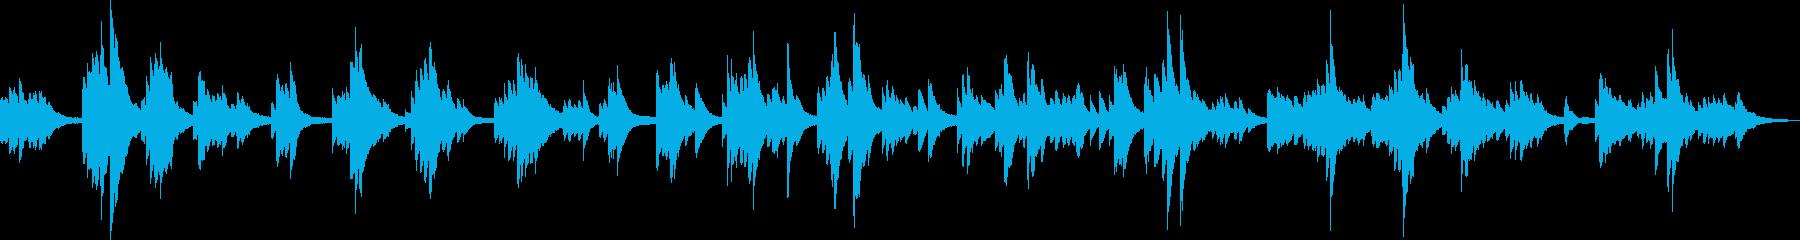 生命の誕生(ピアノソロ曲)の再生済みの波形